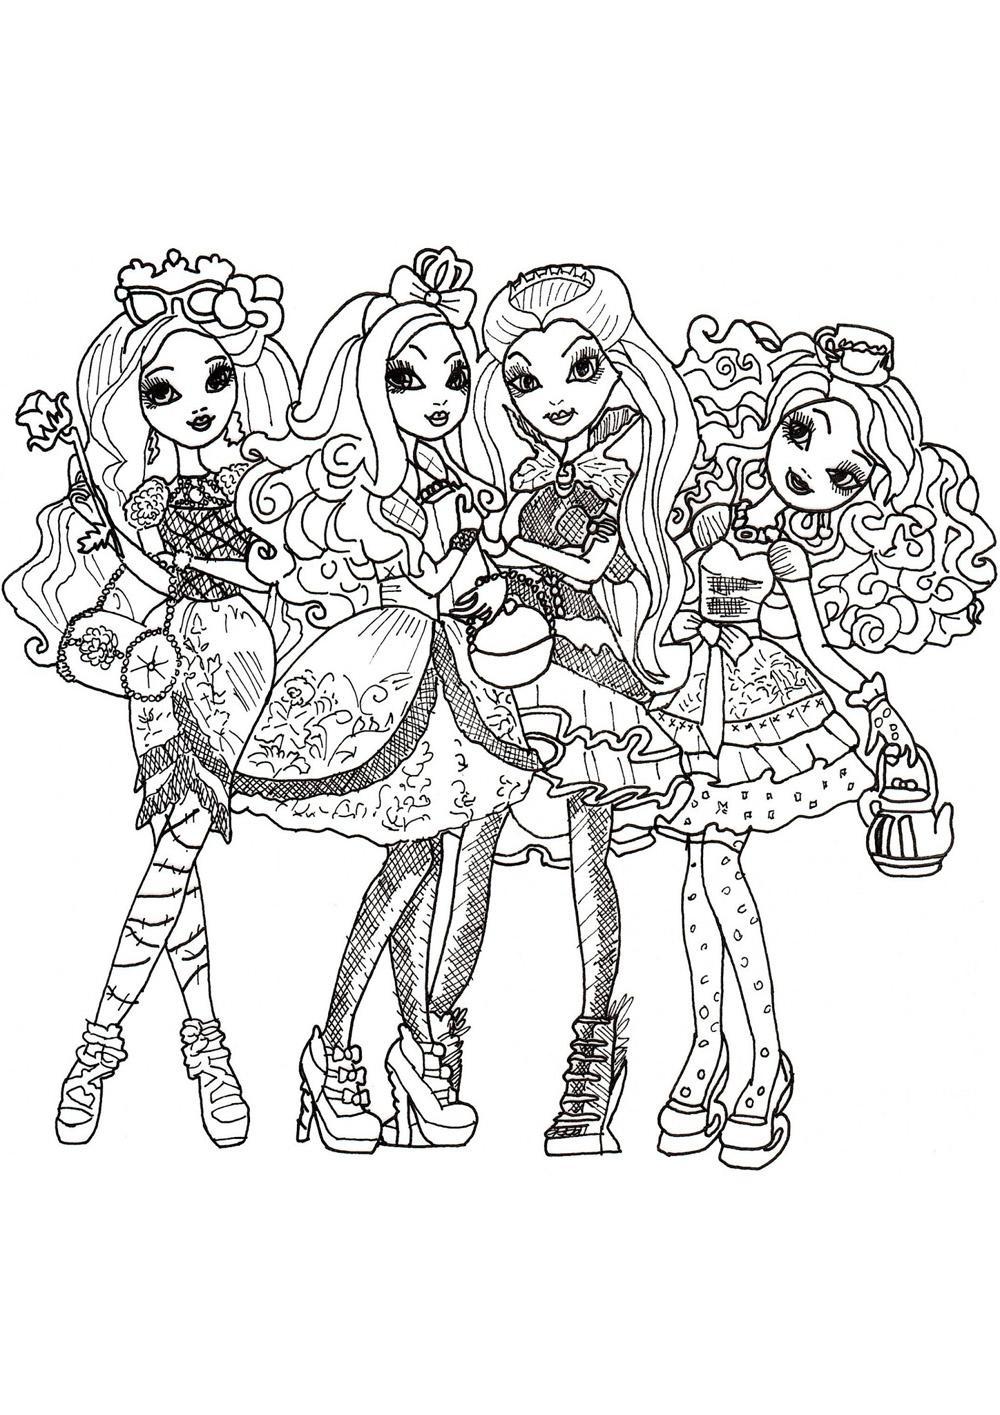 раскраски для девочек эвер афтер хай распечатать бесплатно